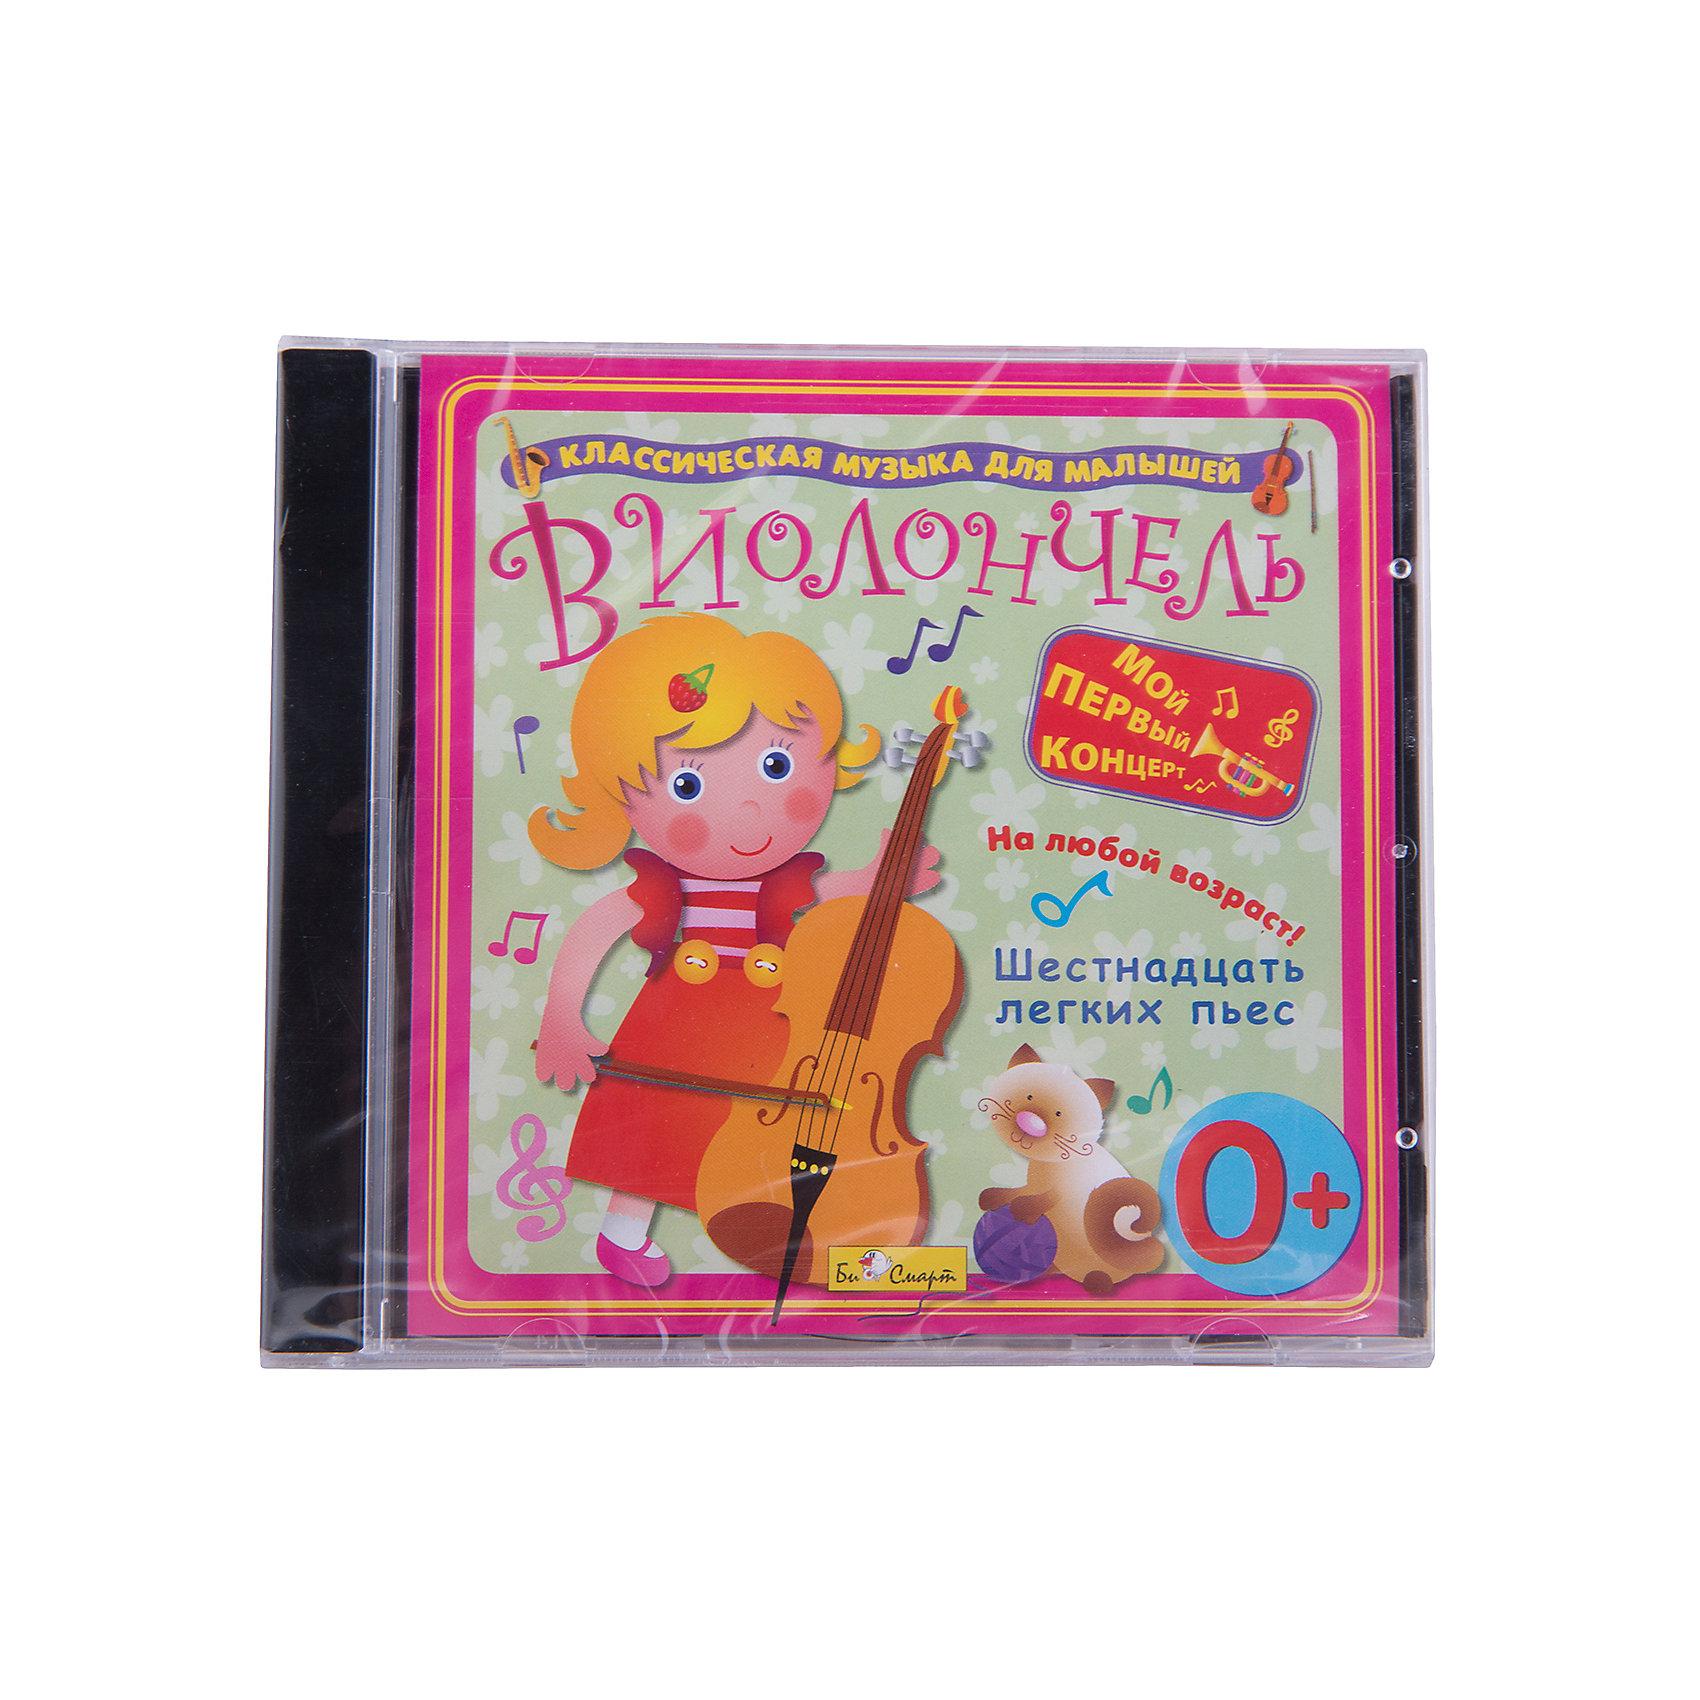 Би Смарт Би Смарт CD. Виолончель. Шестнадцать легких пьес (0+) cd диск guano apes offline 1 cd